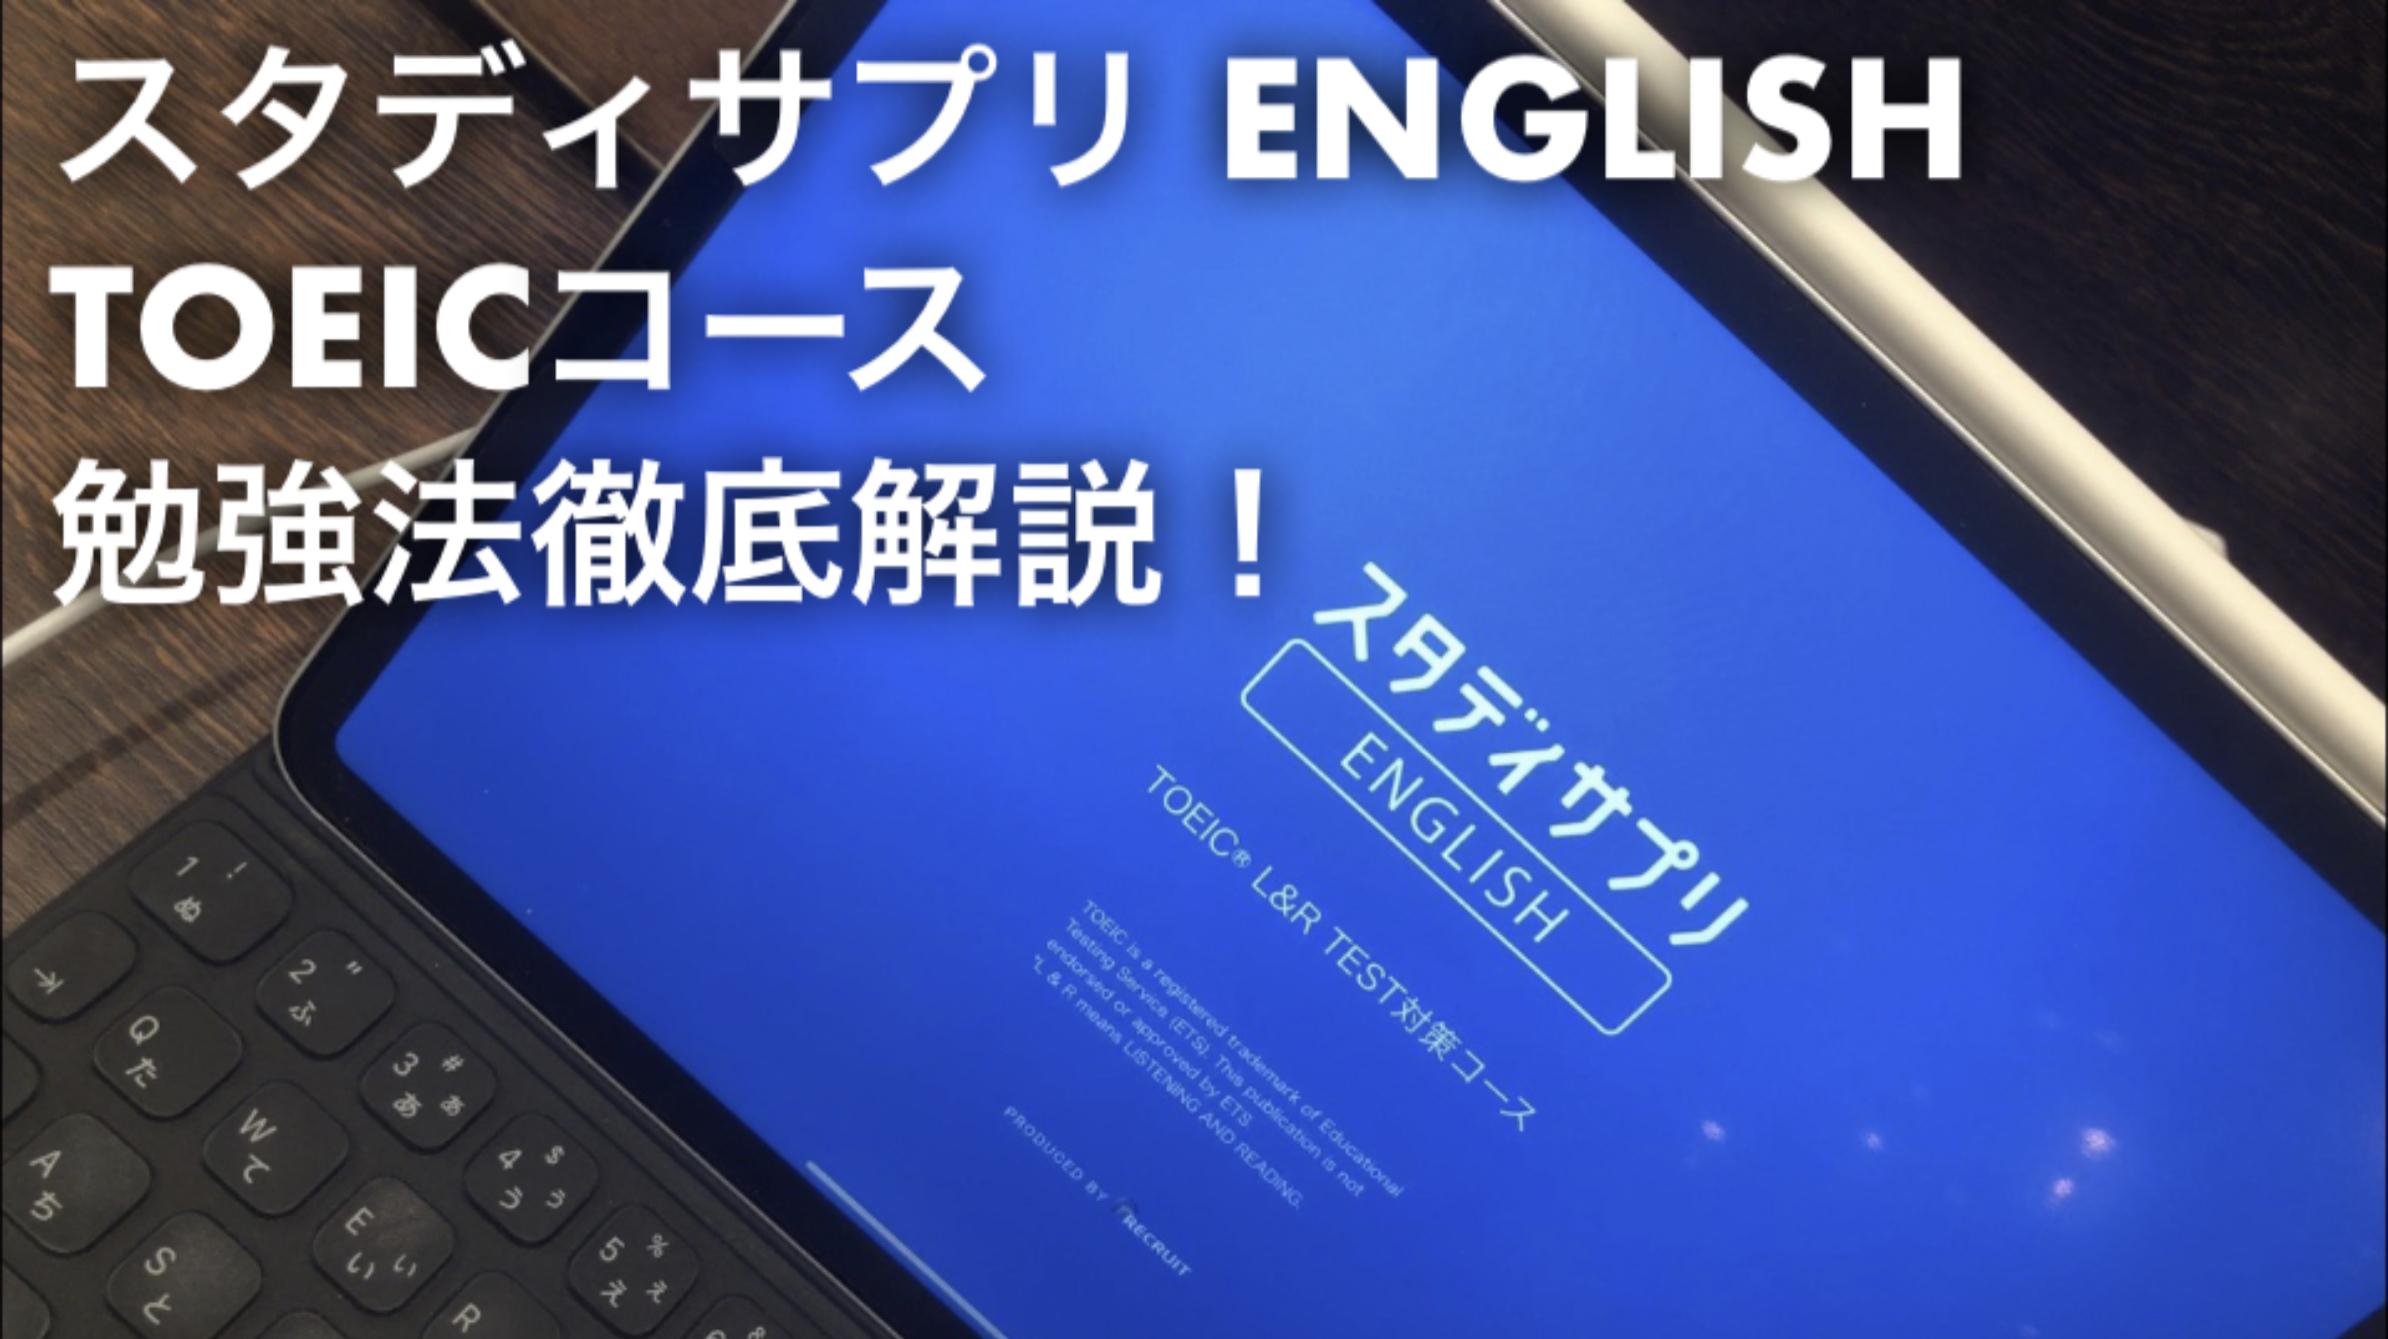 スタディサプリENGLISH TOEICコース勉強法徹底解説という文字と背景にタブレットの写真。